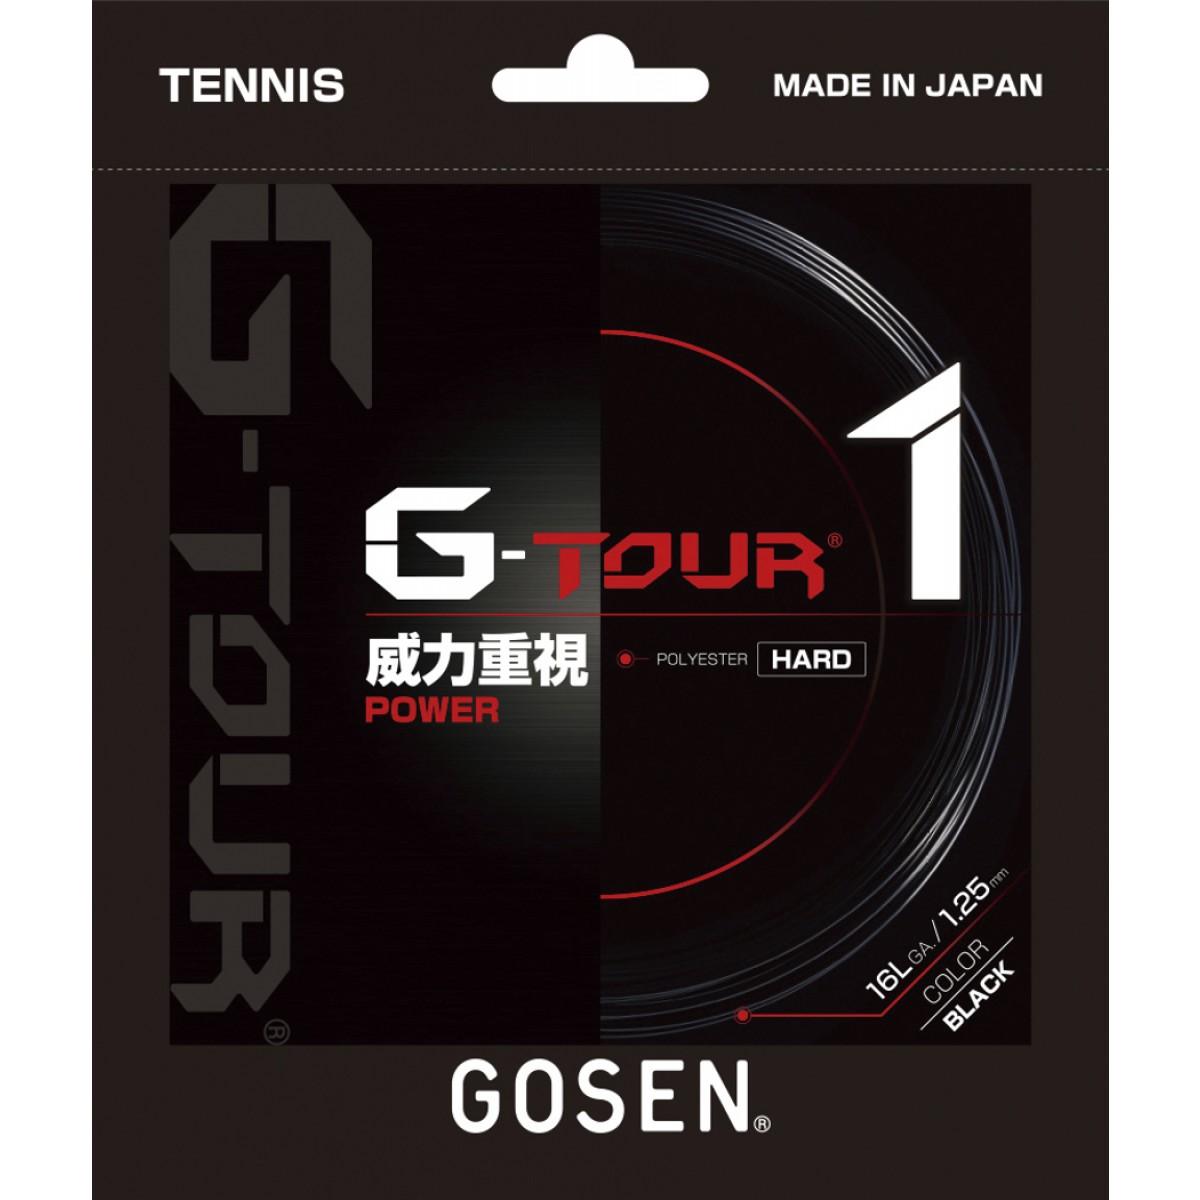 GOSEN G-TOUR 1 (12 METRES) STRING PACK